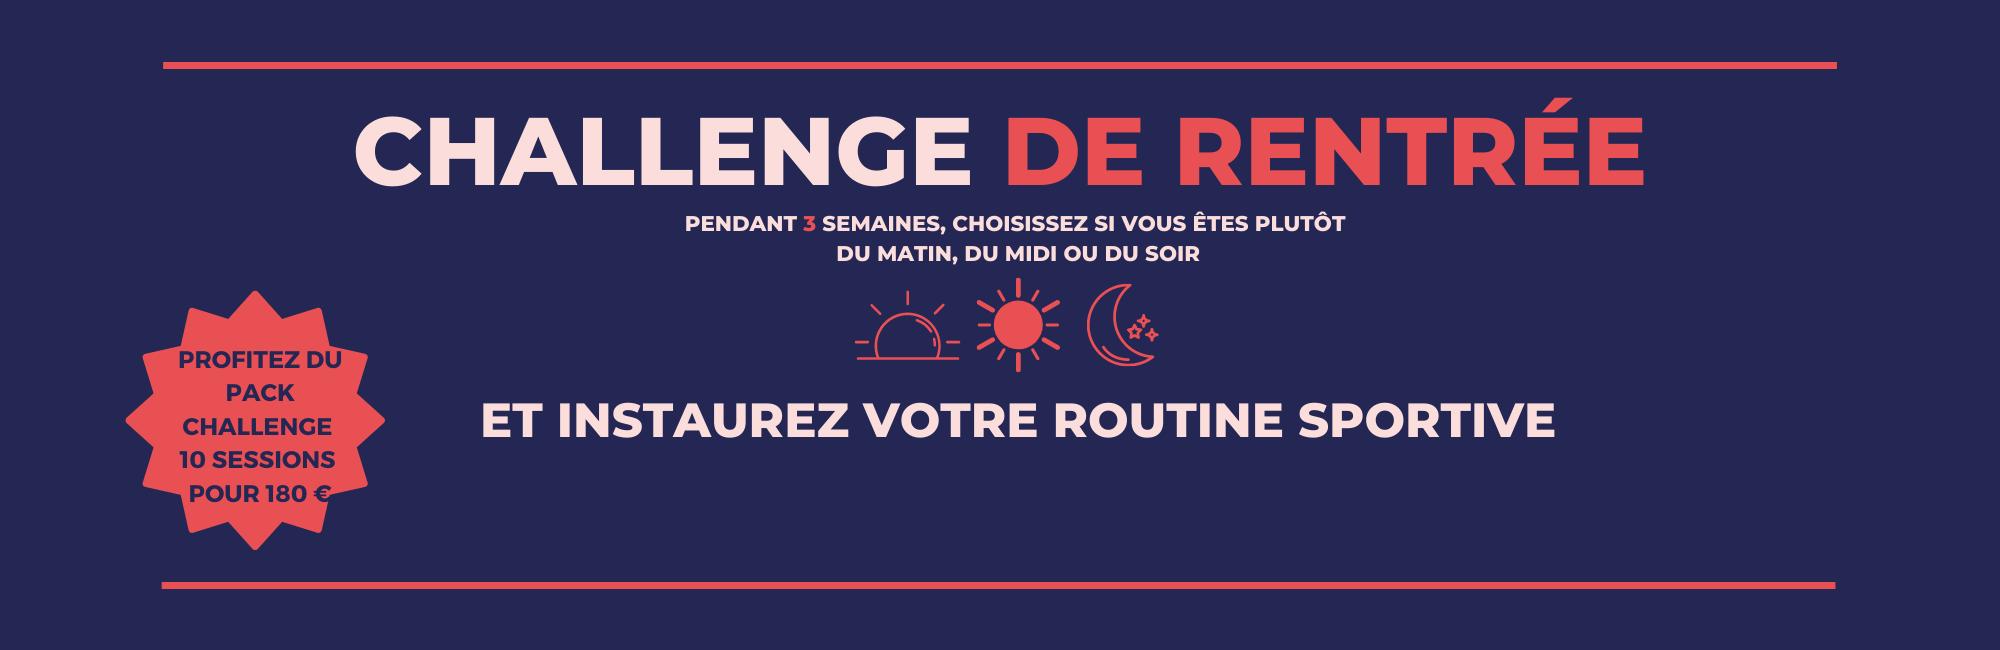 Challenge Summit